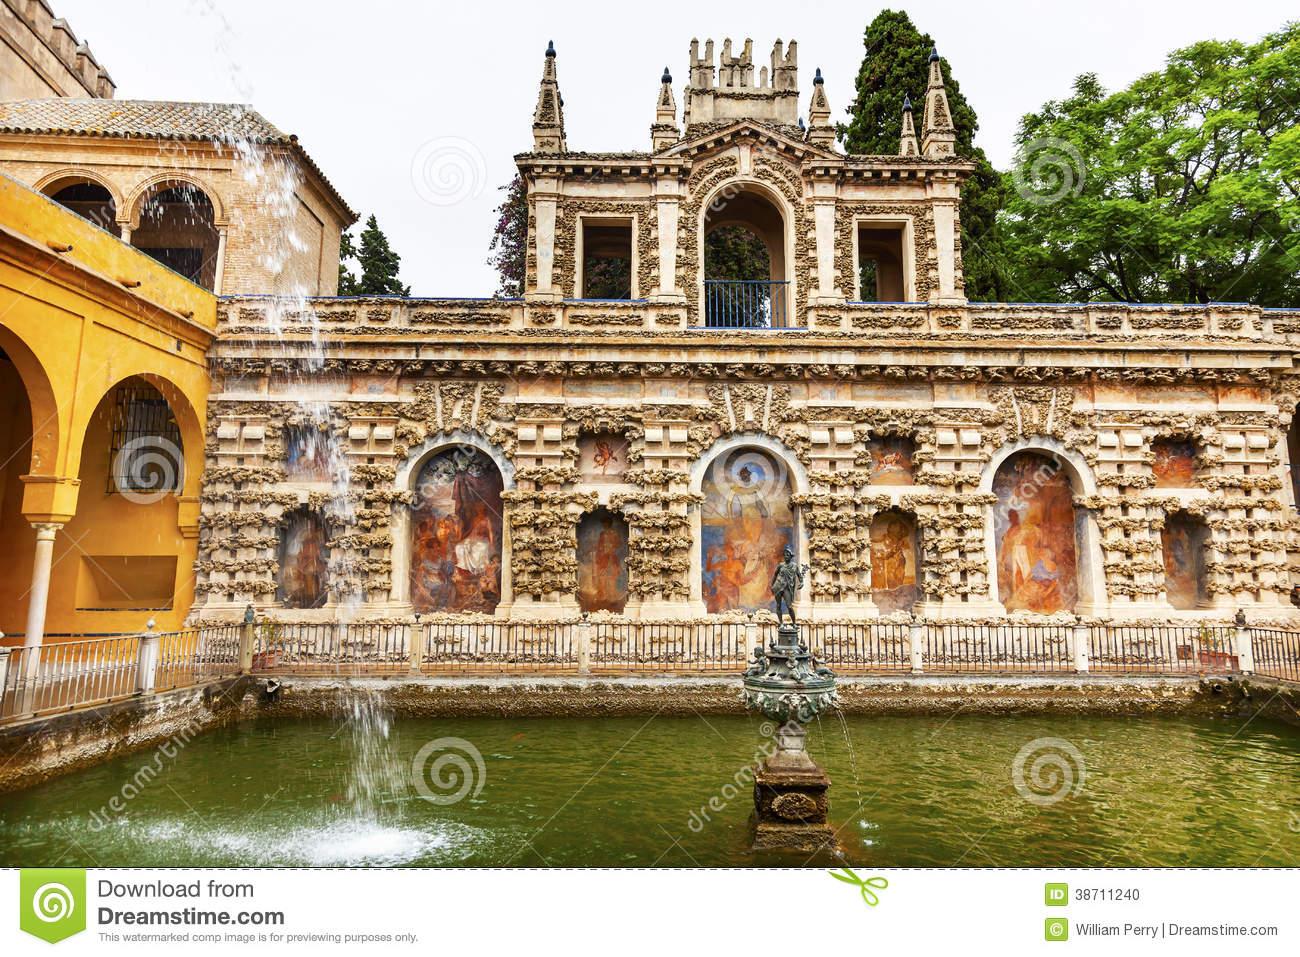 Fountain Alcazar Royal Palace Seville Spain Stock Photo.